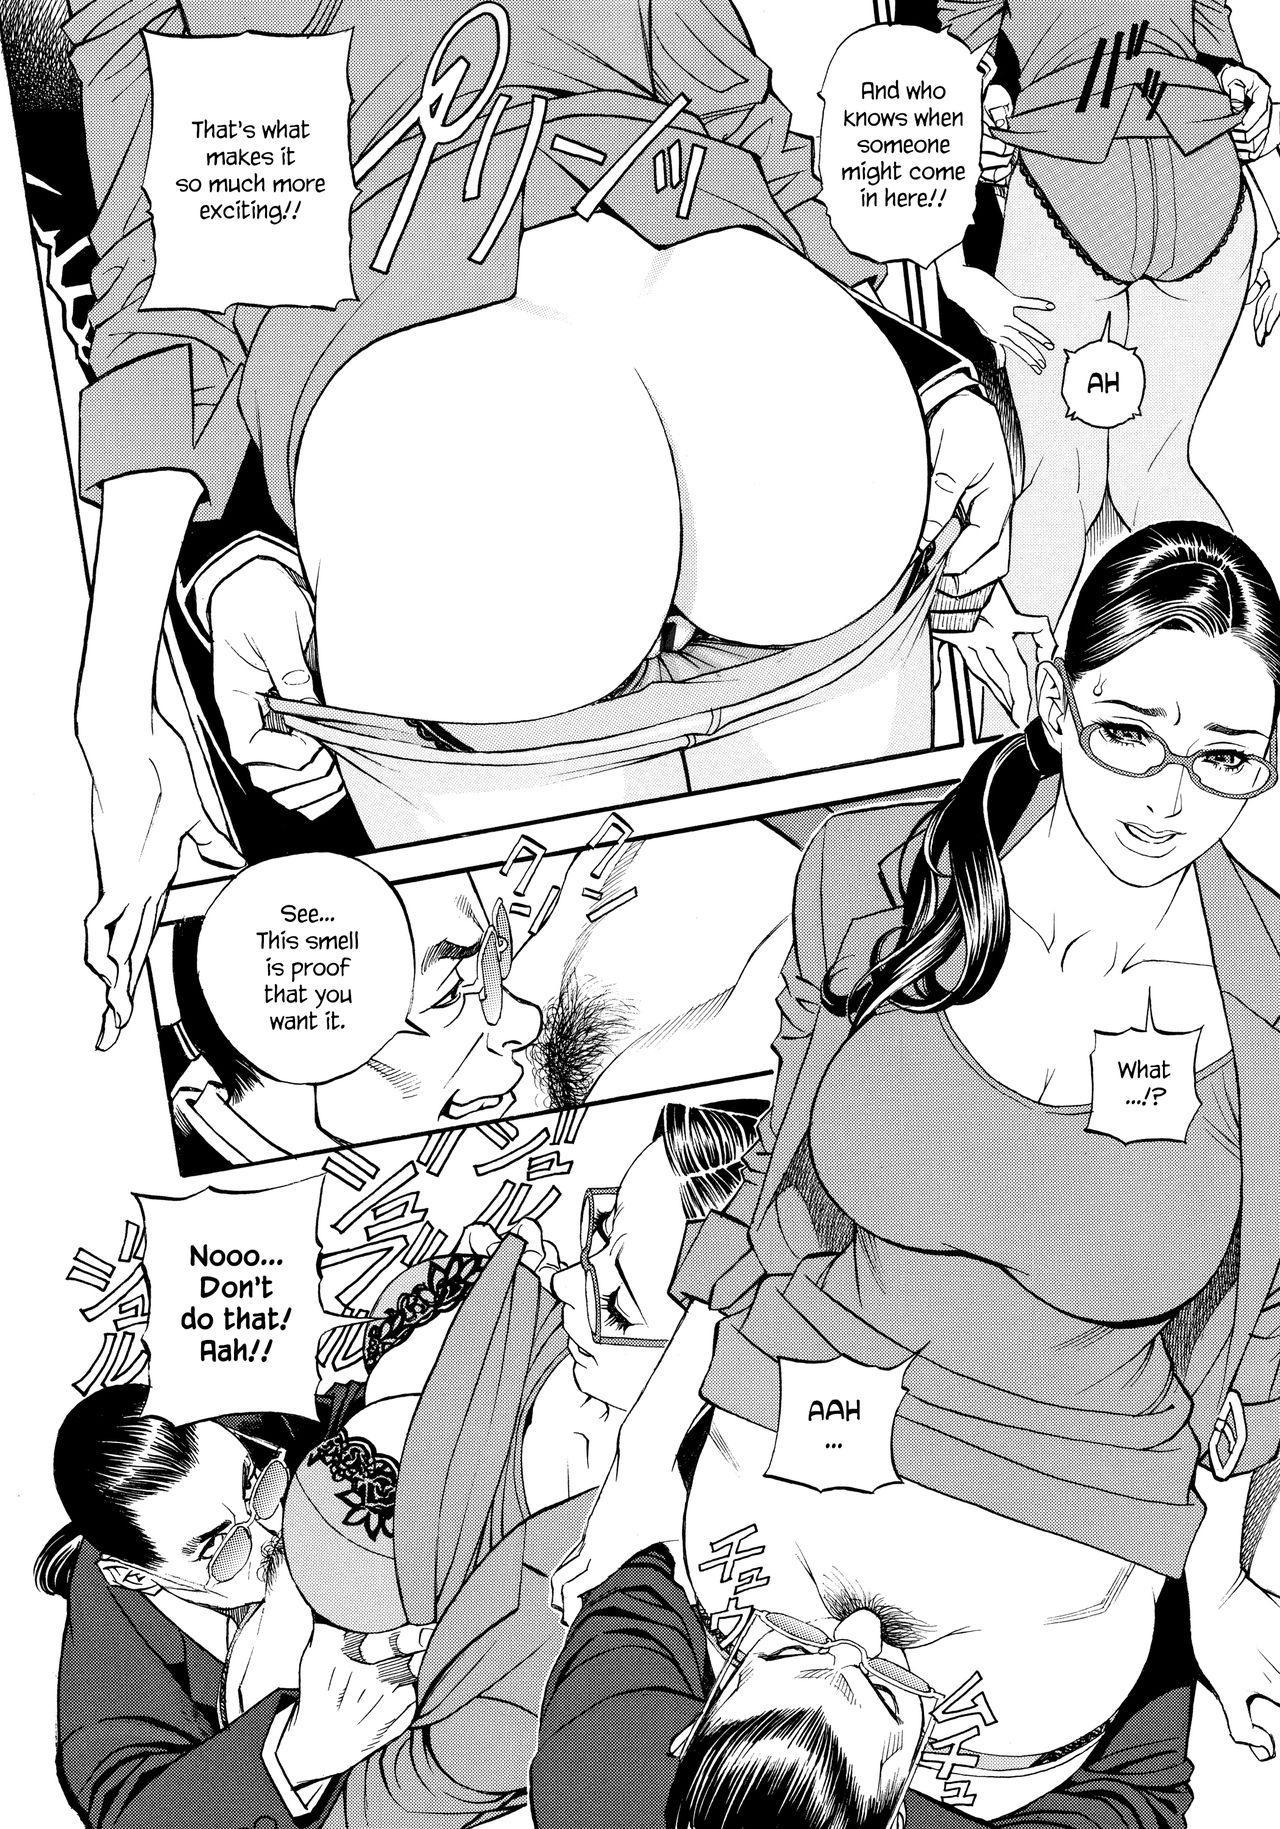 InY Akajuutan + Omake 32